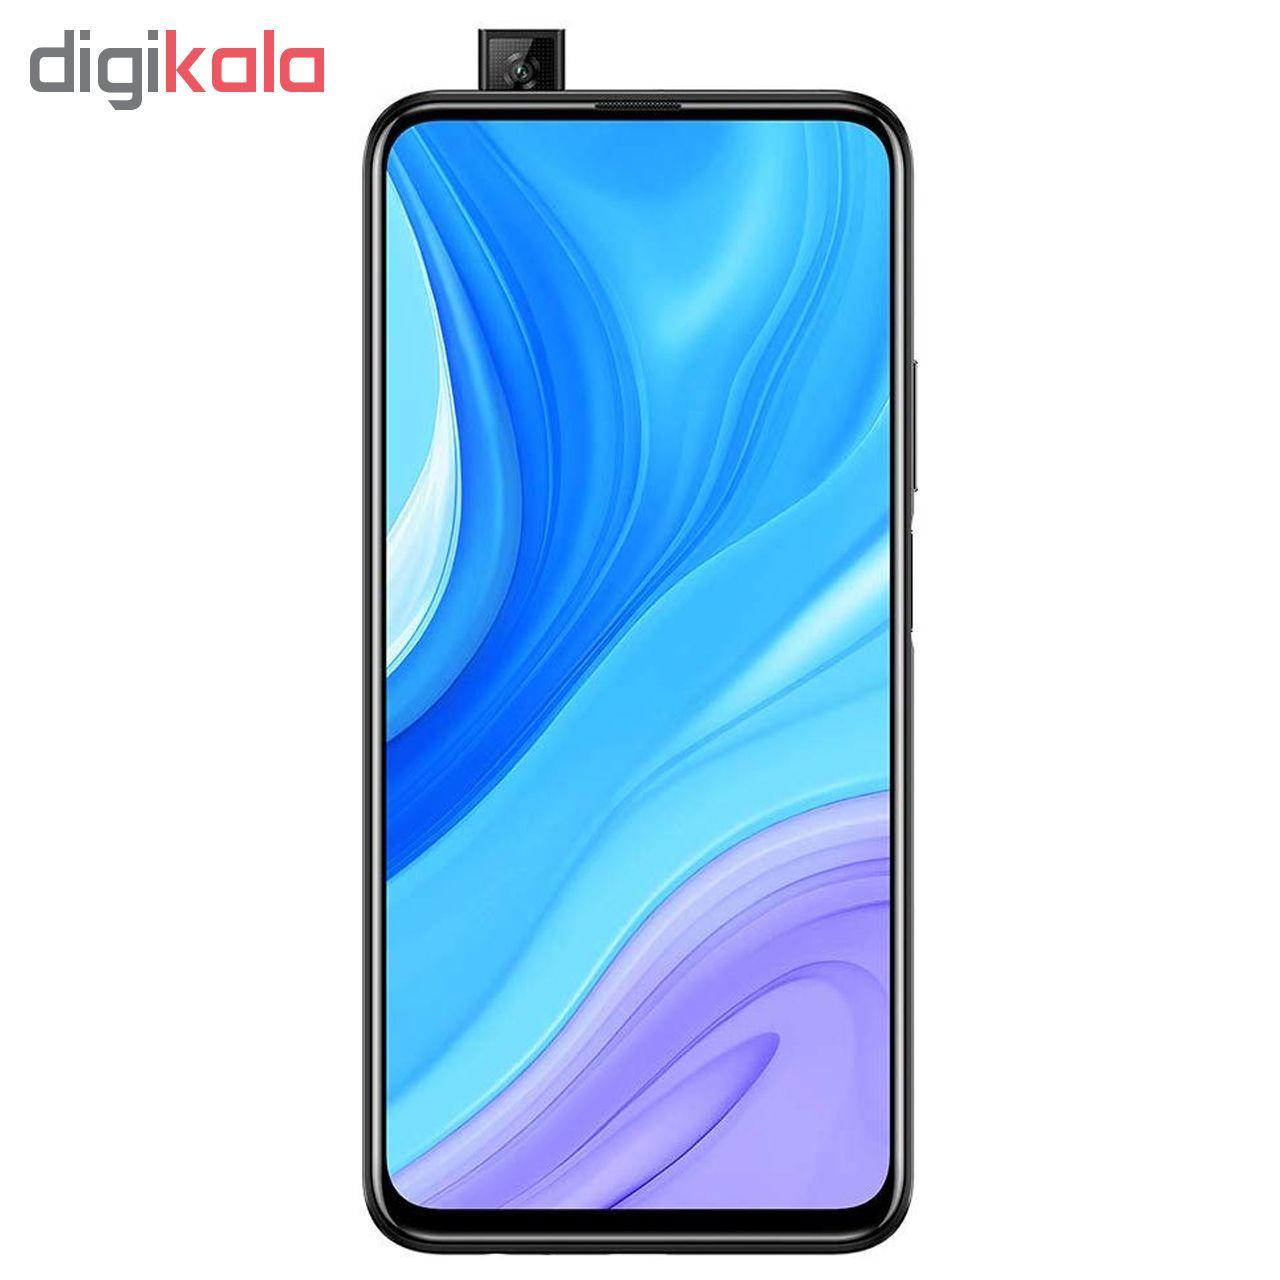 گوشی موبایل هوآوی مدل Y9s STK-L21 دو سیم کارت ظرفیت 128 گیگابایت main 1 10